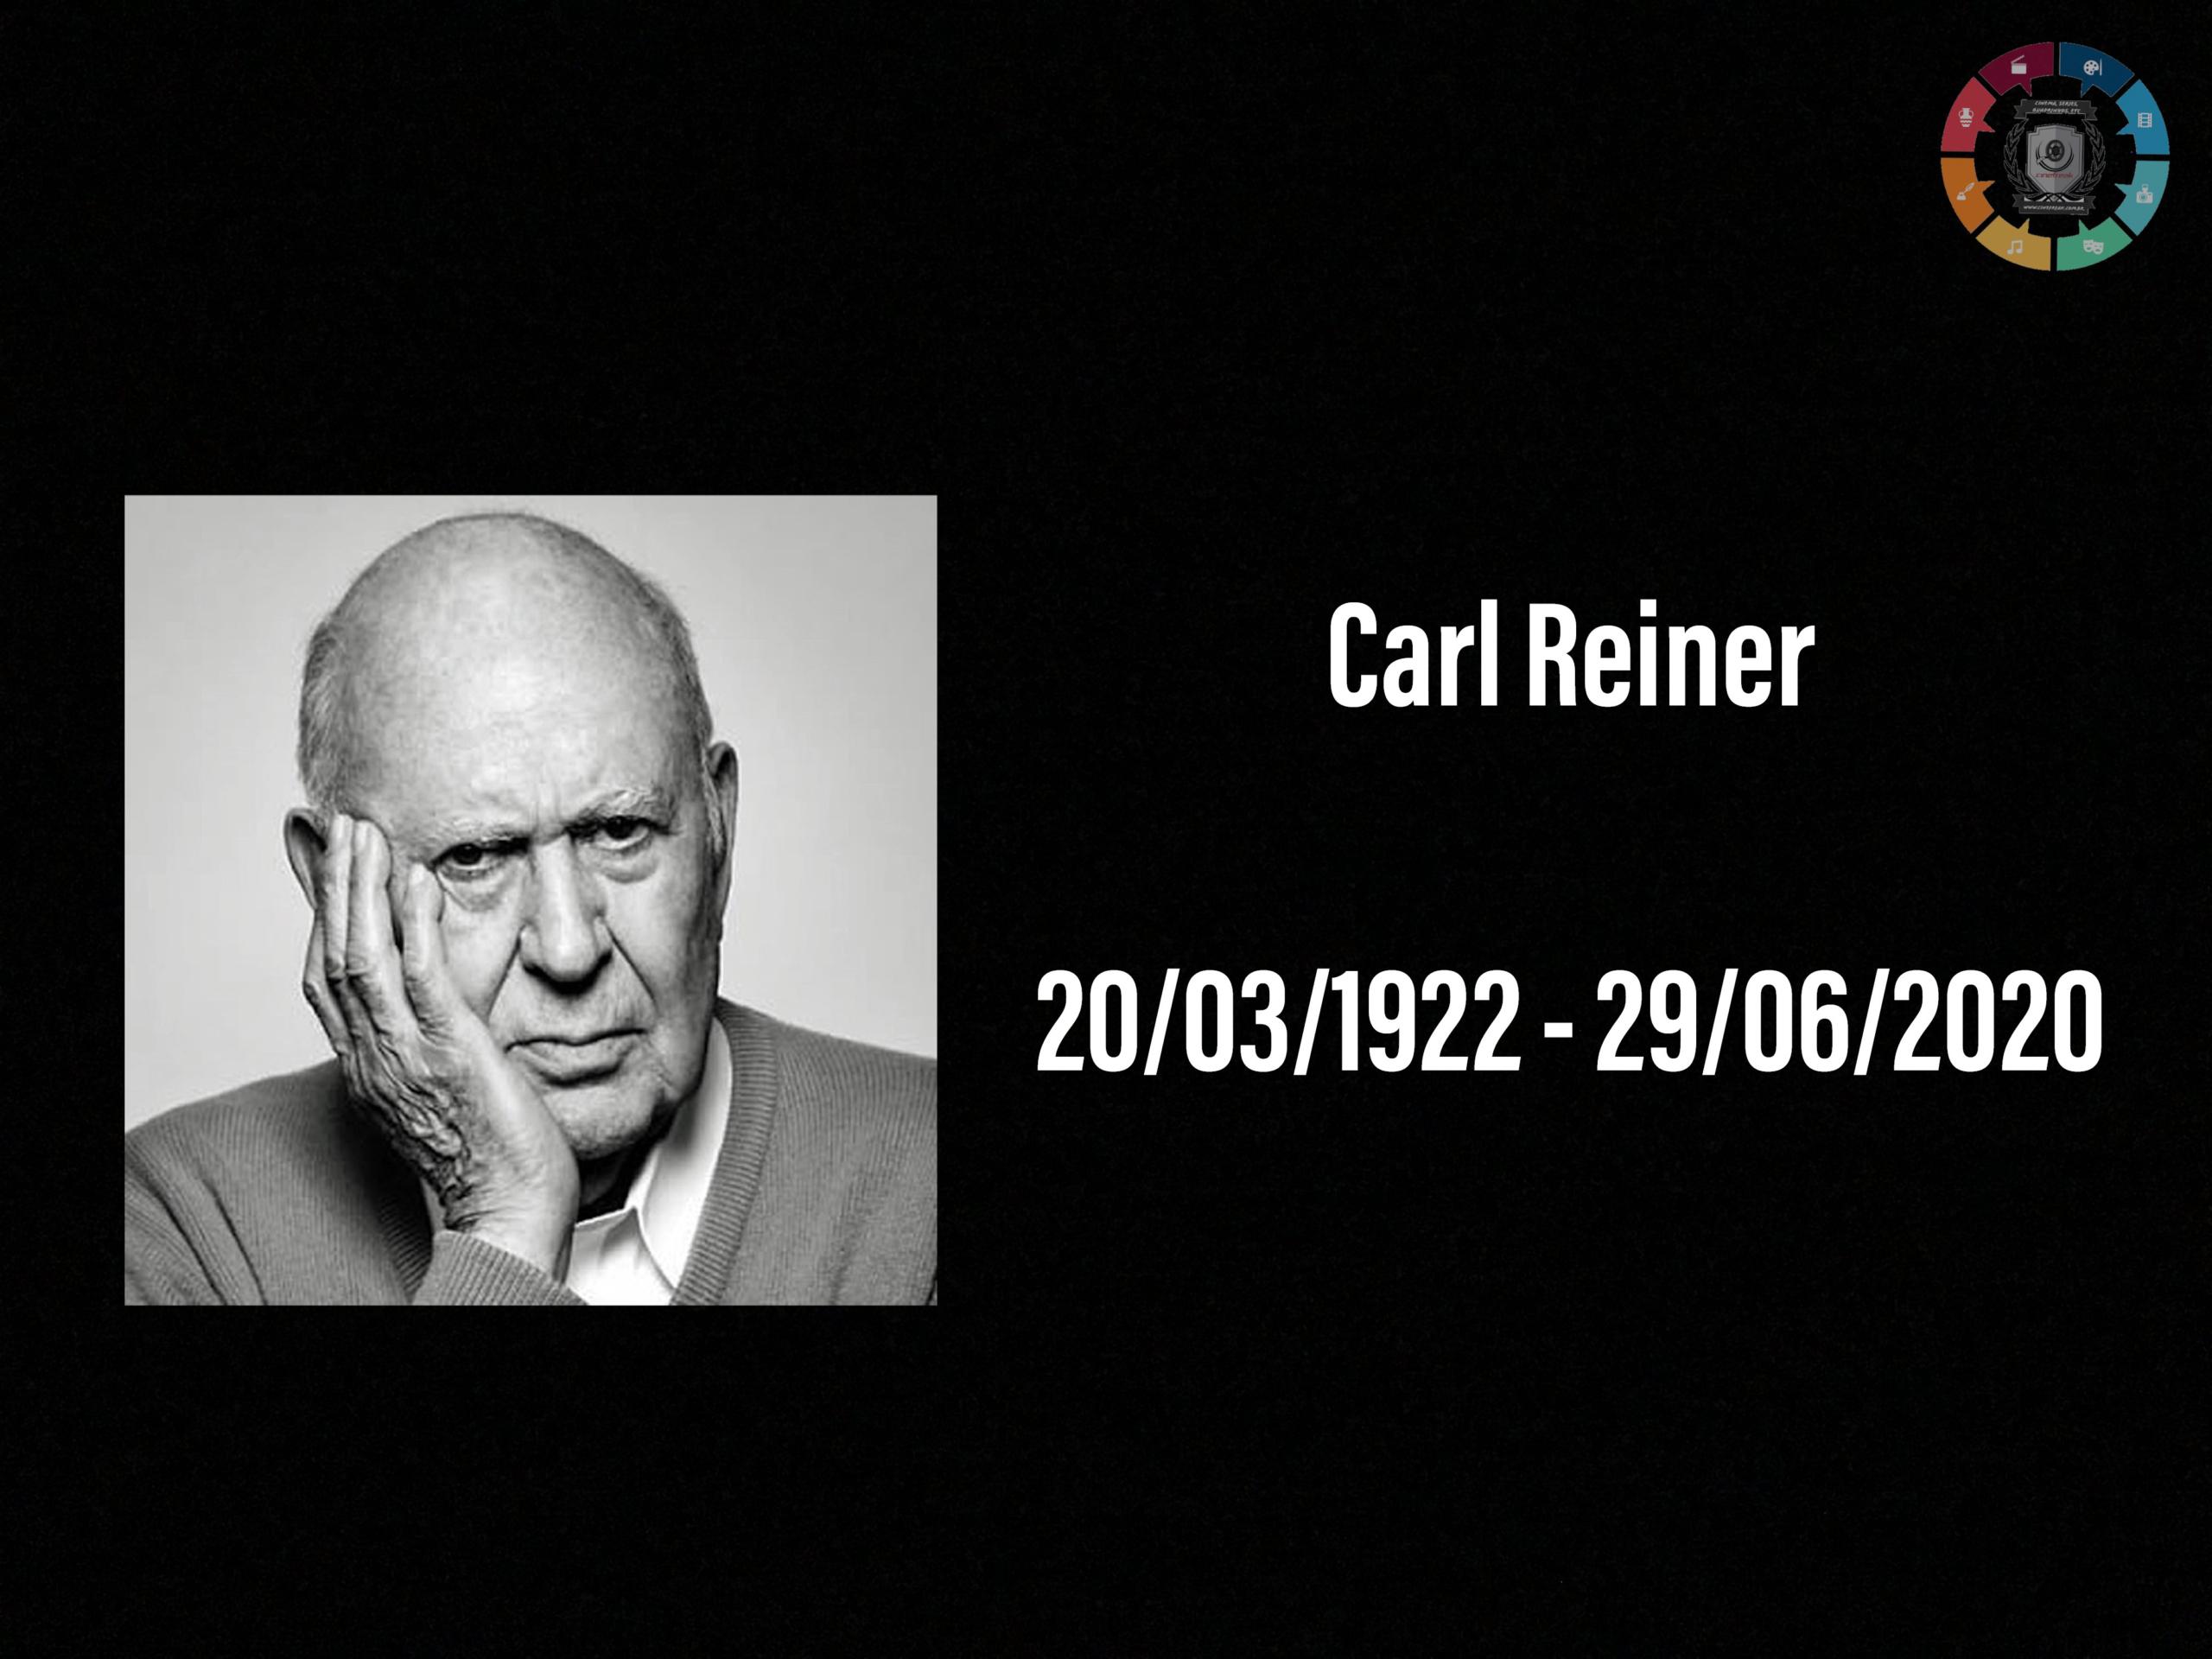 Morre o diretor e ator Carl Reiner aos 98 3